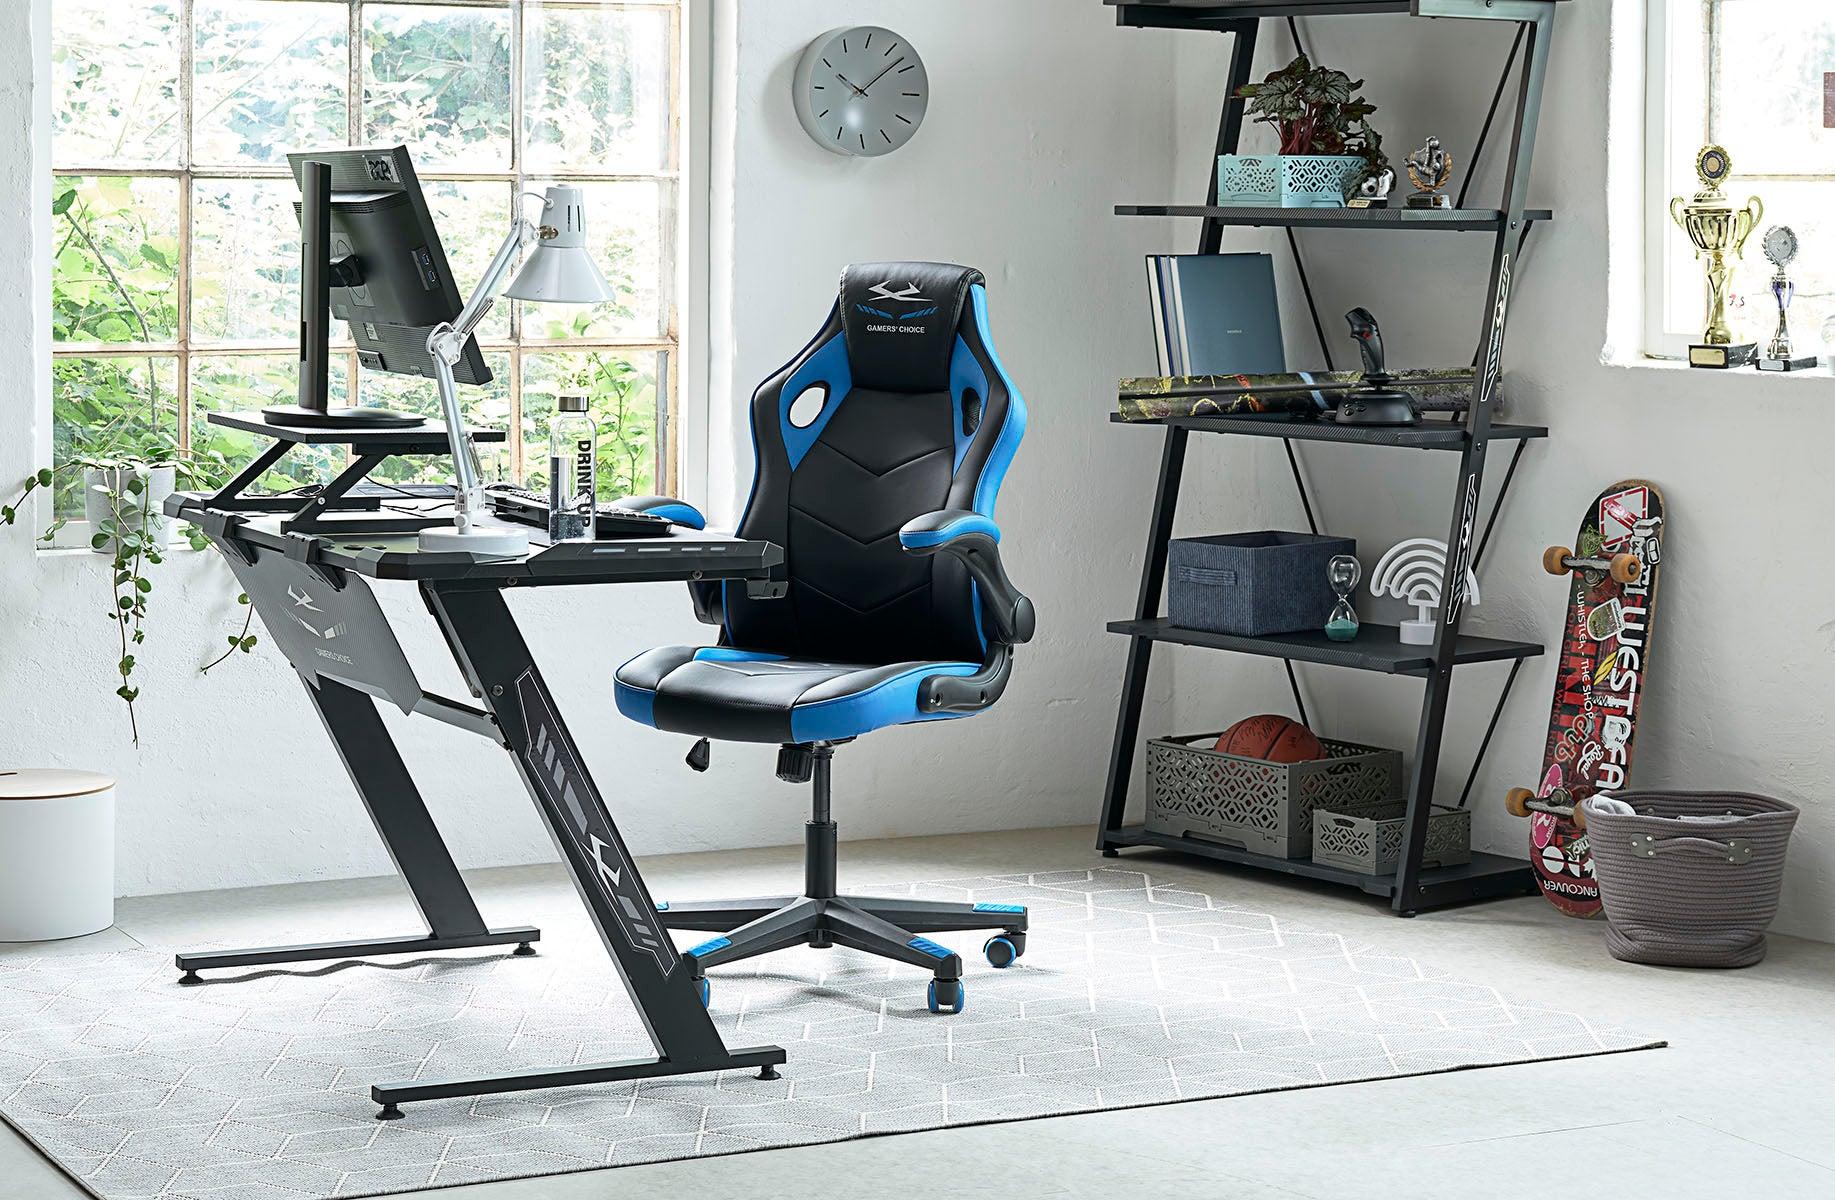 JYSK LANGHOLM Gaming Desk